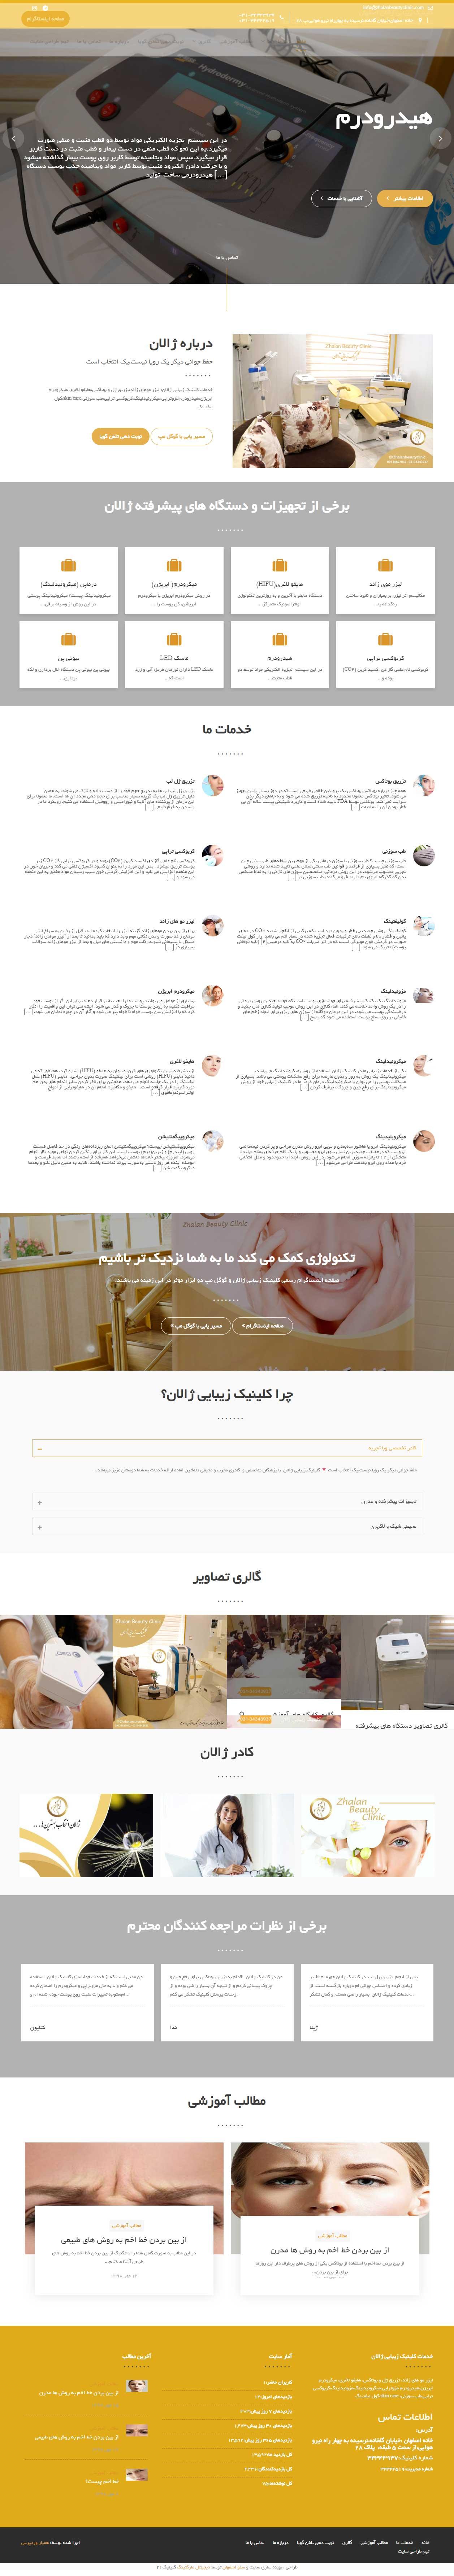 طراحی وب سایت کلینیک زیبایی